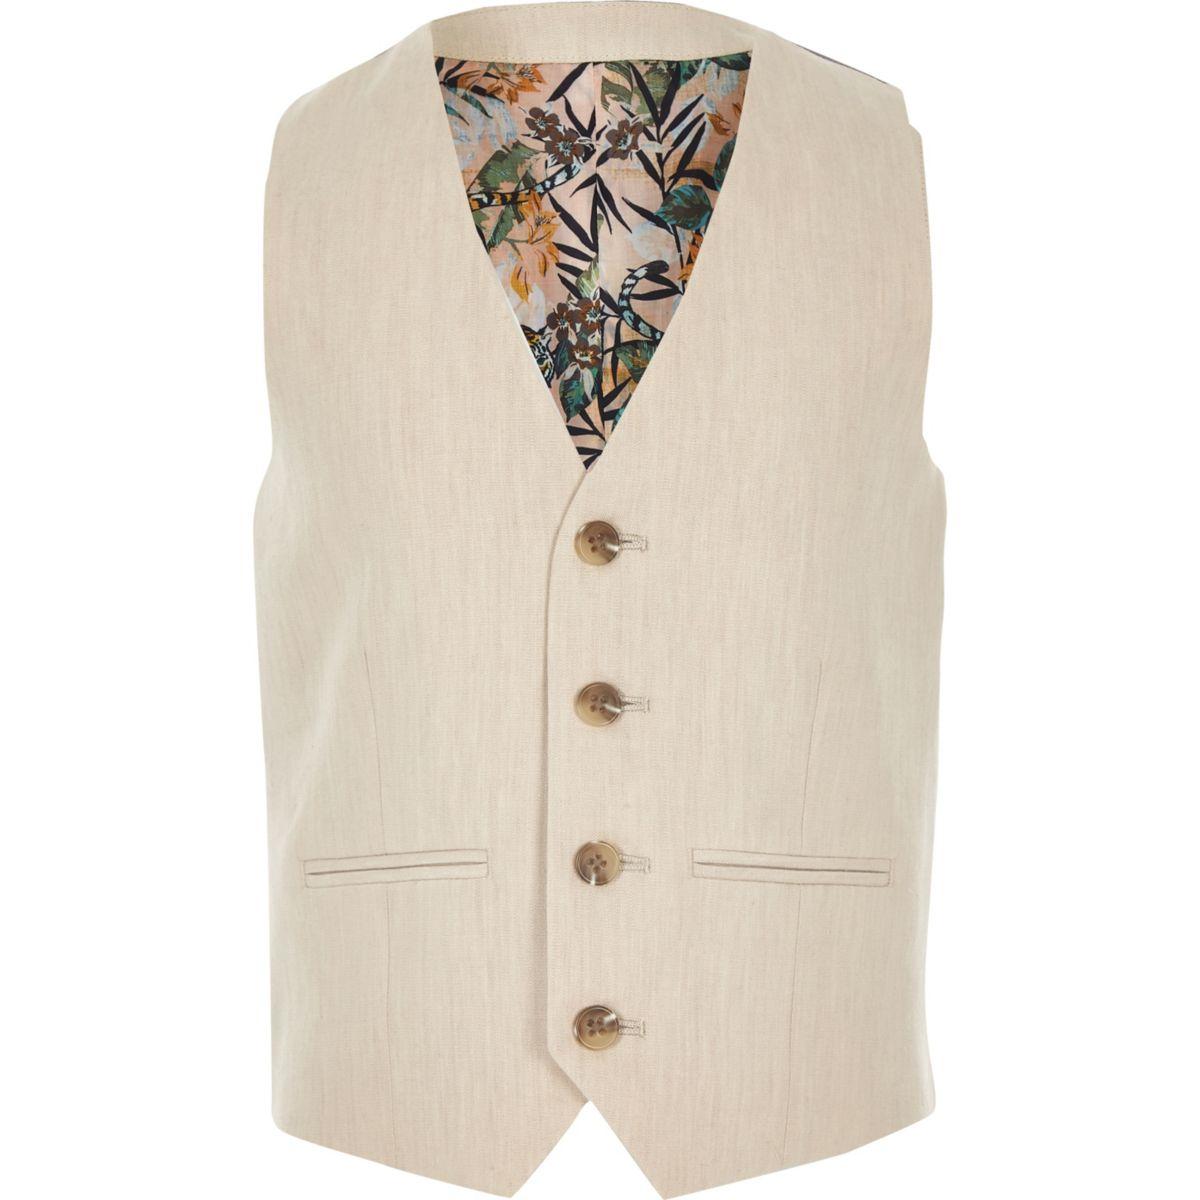 Boys cream linen suit vest